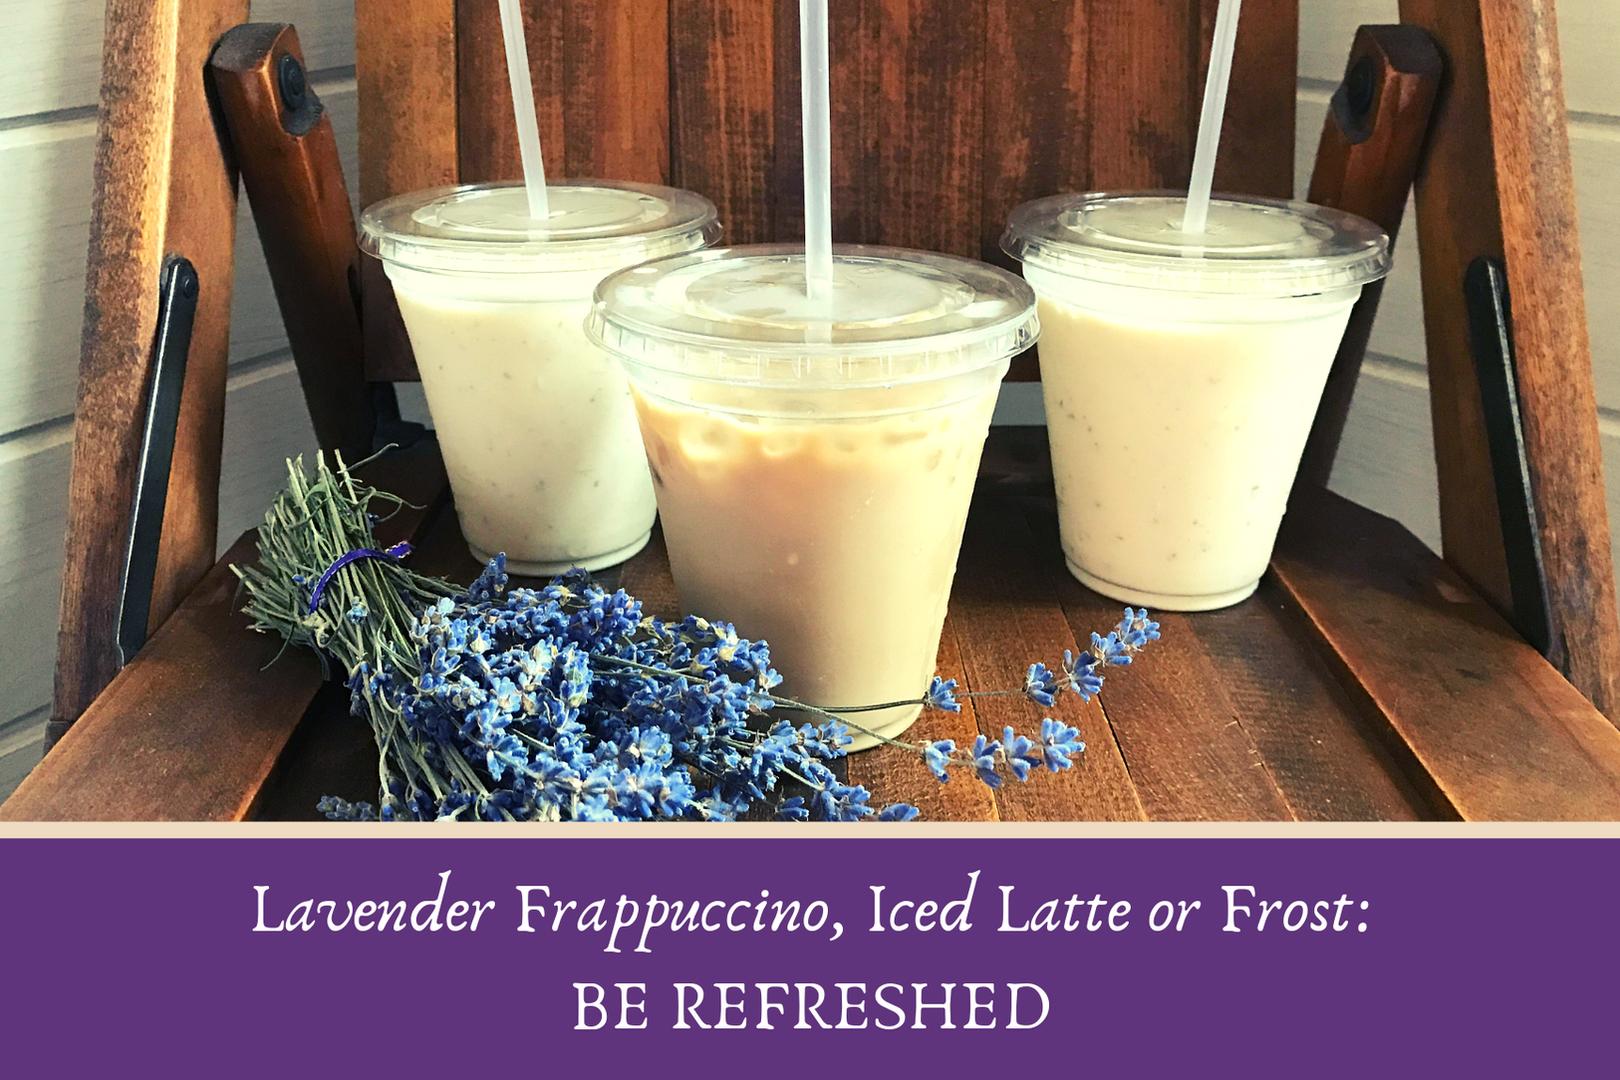 Lavender drinks